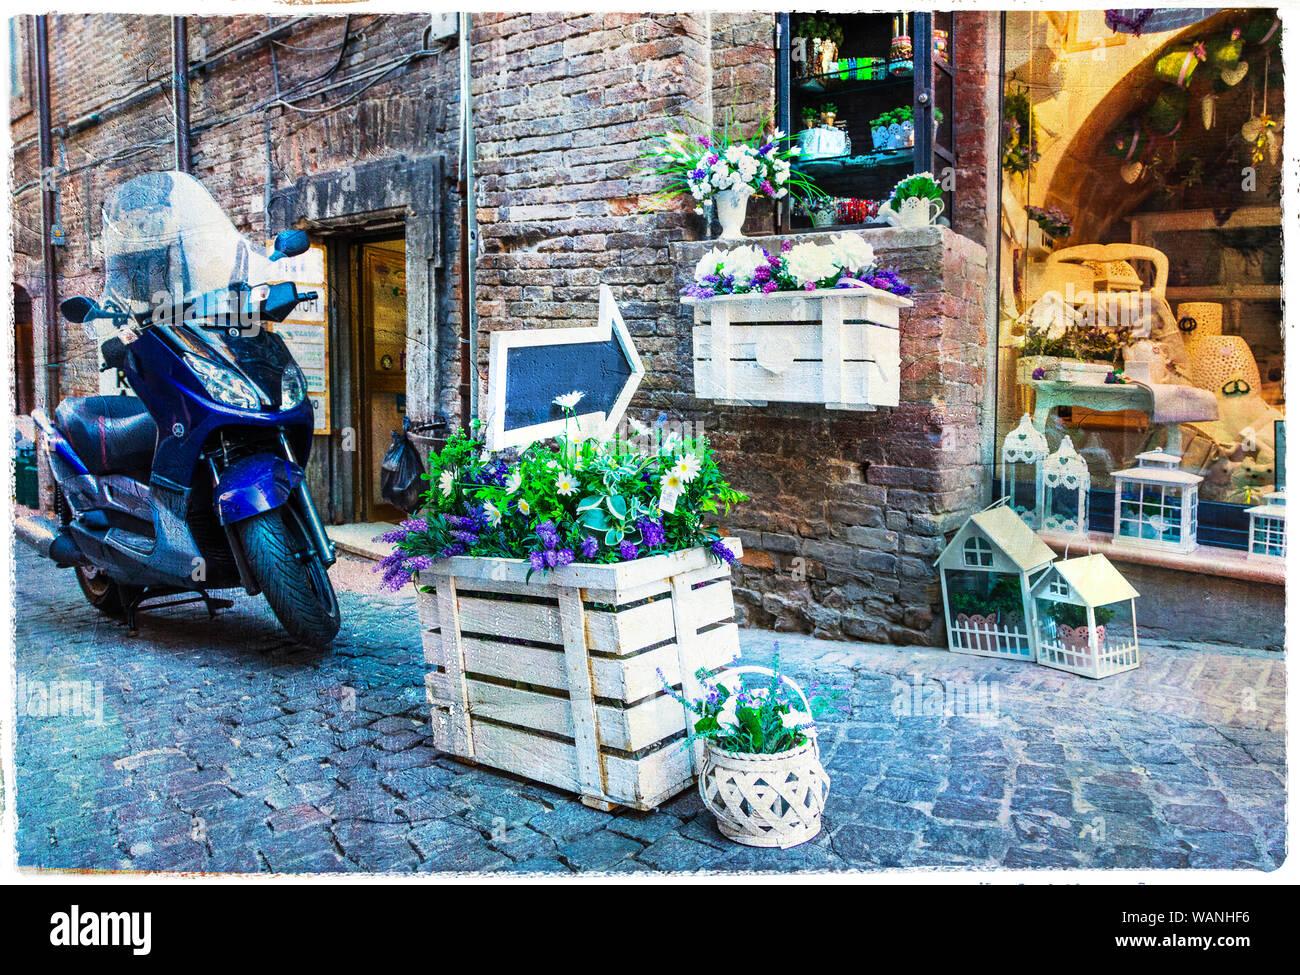 Alte Straßen der Stadt Urbino, Marken, Italien. Stockfoto